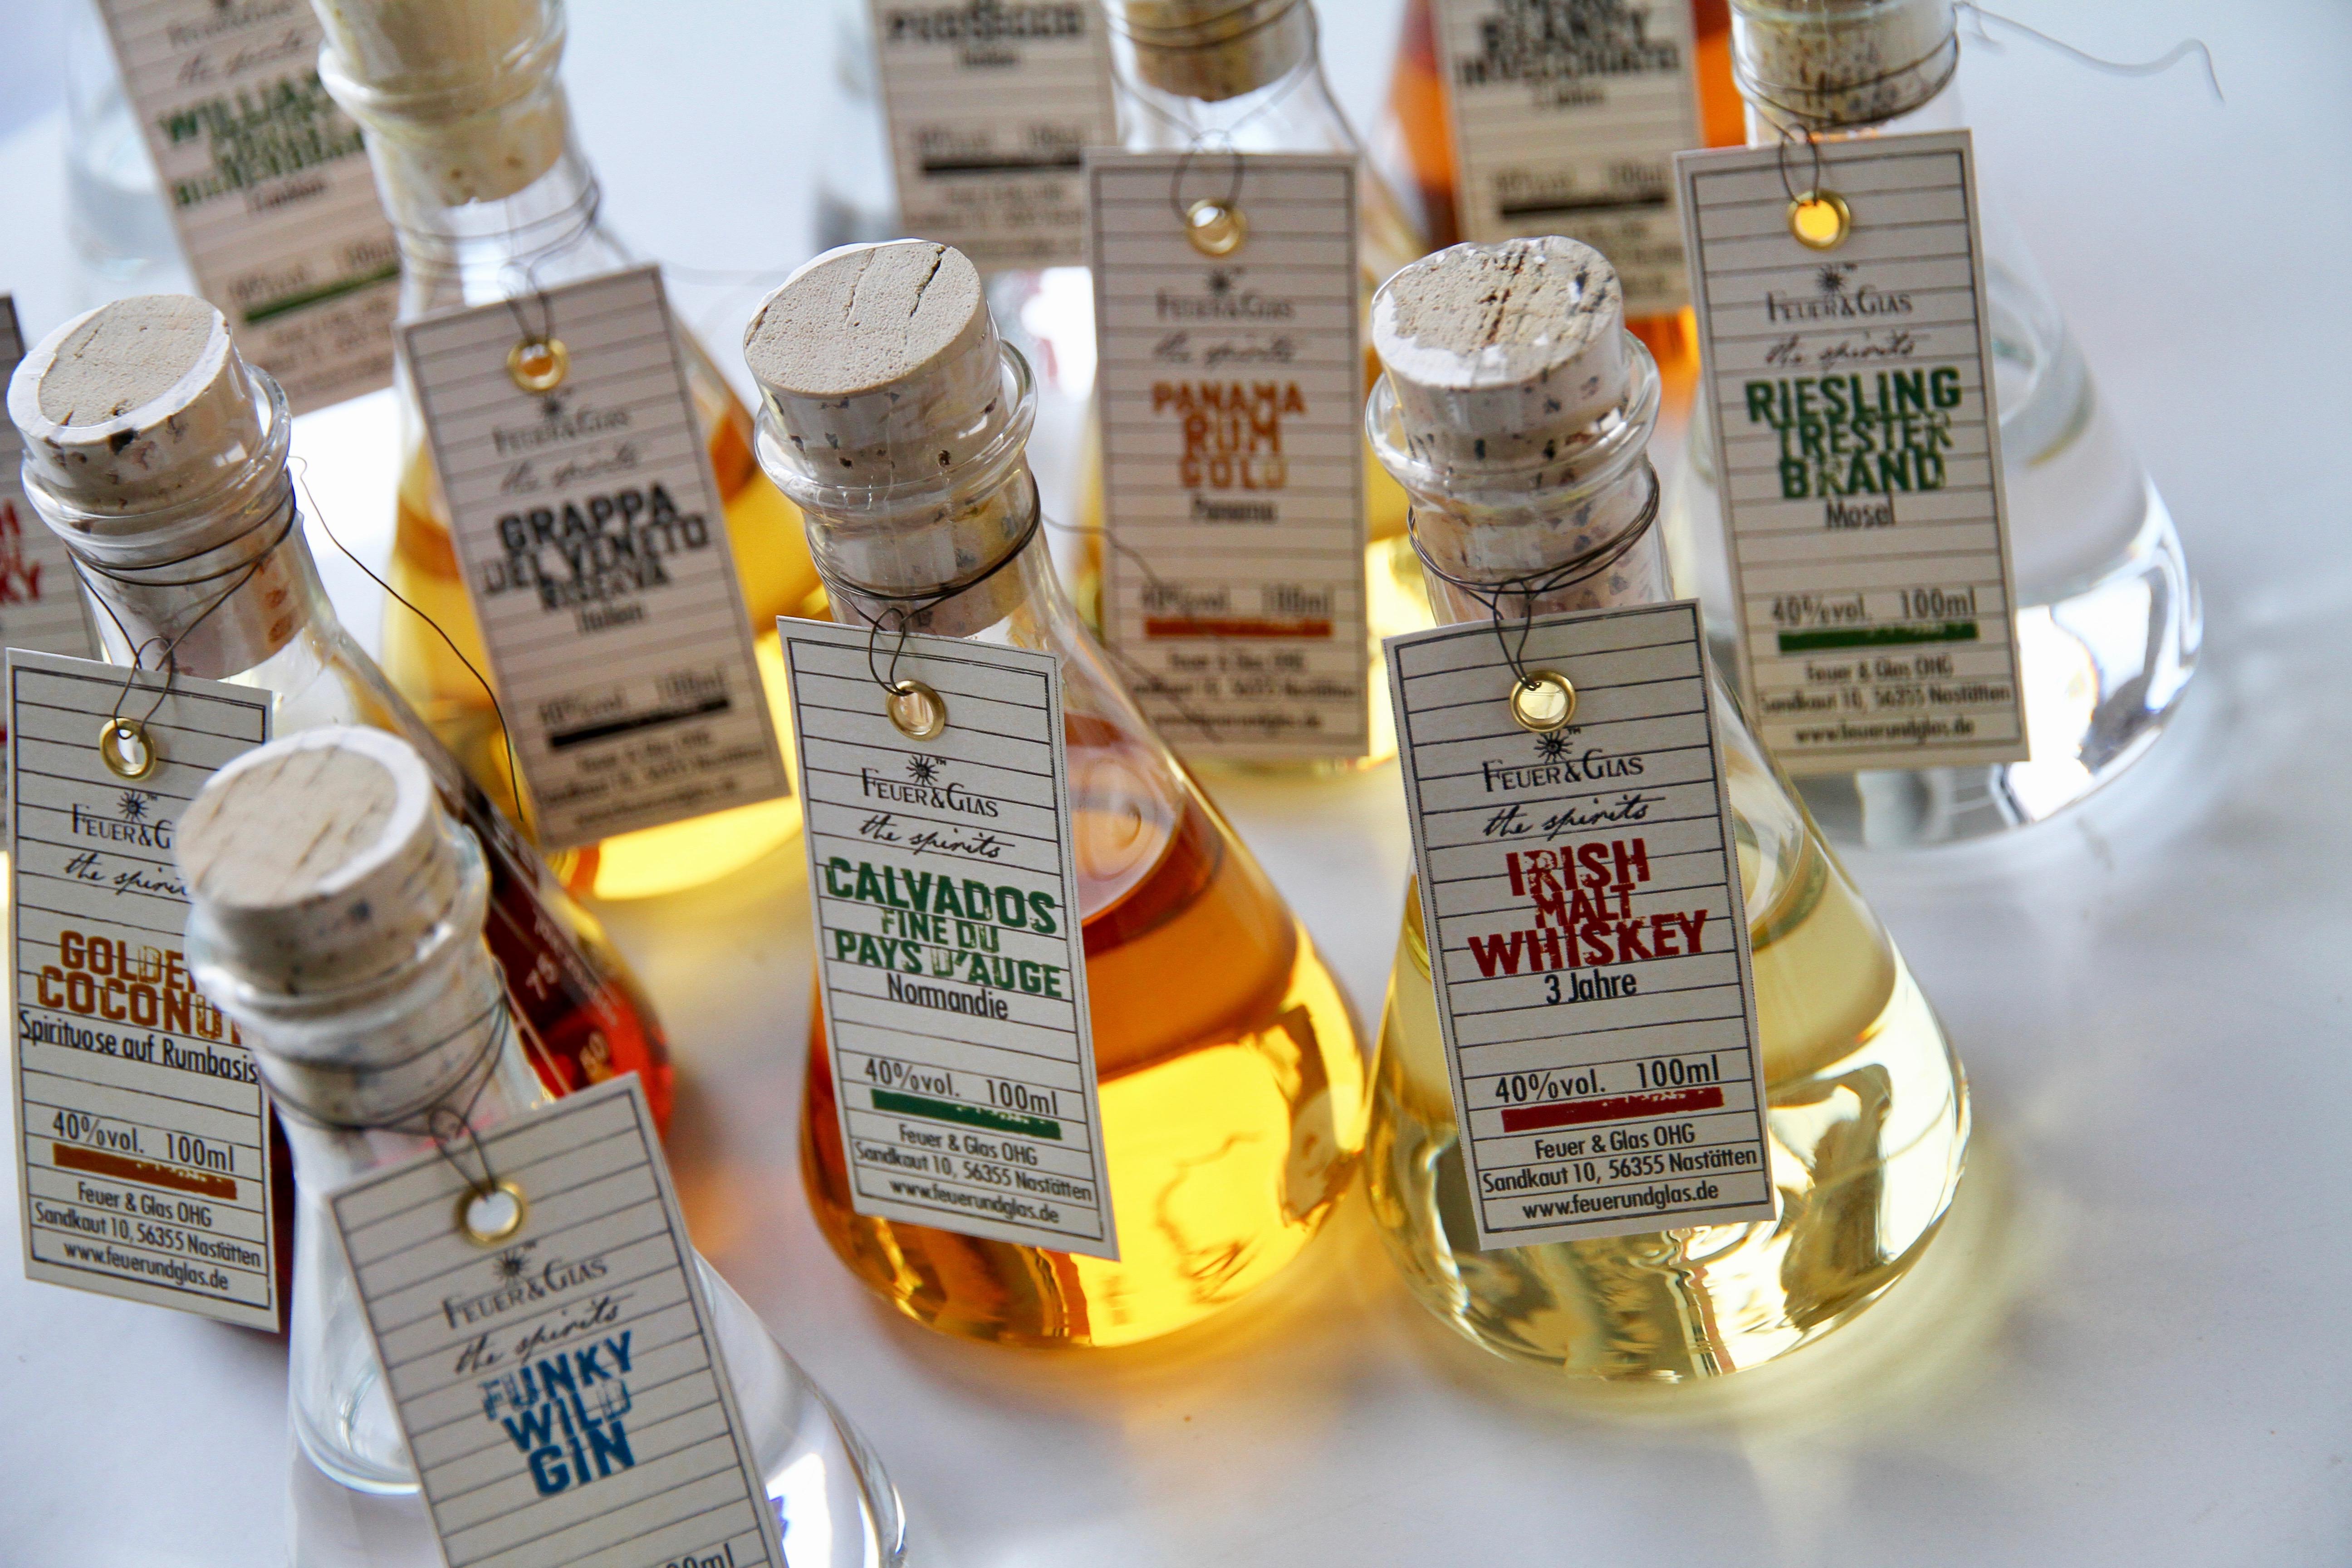 Italian  Brandy Invecchiato, 100 ml, 40%  VOL